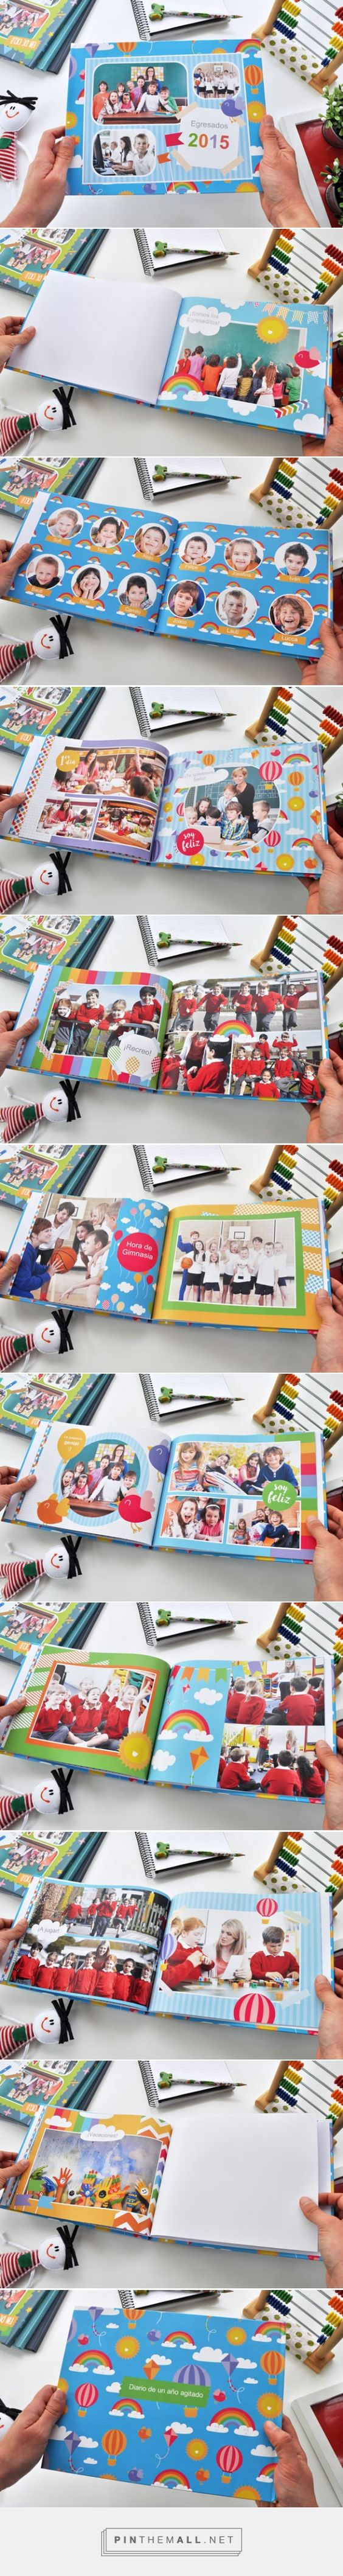 Anuario Arco Iris. Fotolibro 27,9 x 21,6 cm tapa dura. Fotolibro para descargar gratis y completar con tus fotos! | Blog - Fábrica de Fotolibros